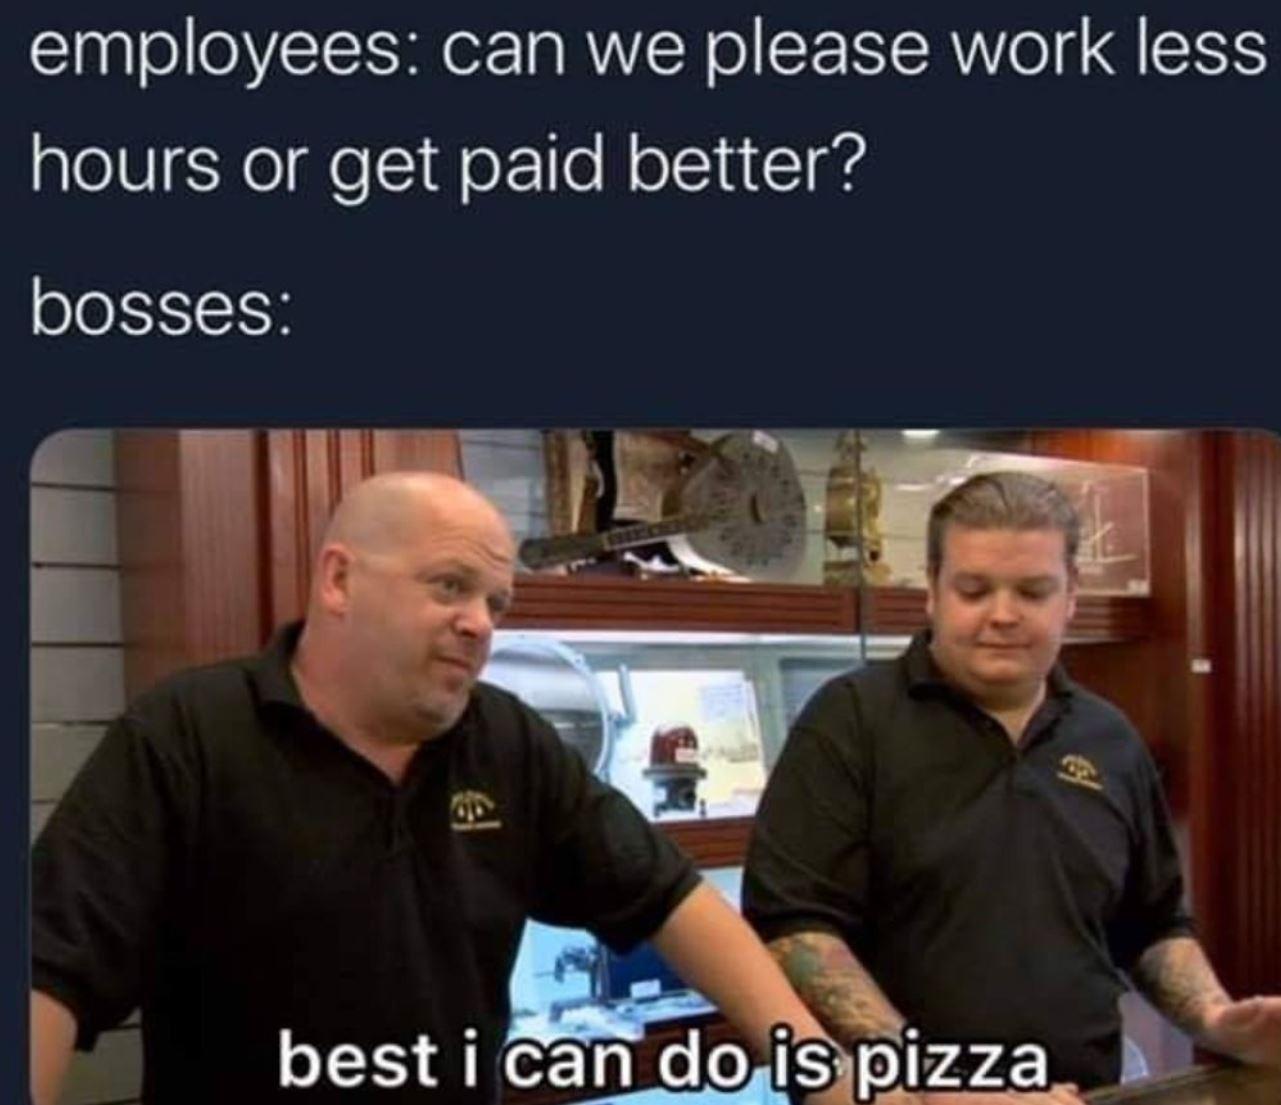 Pawn Stars meme